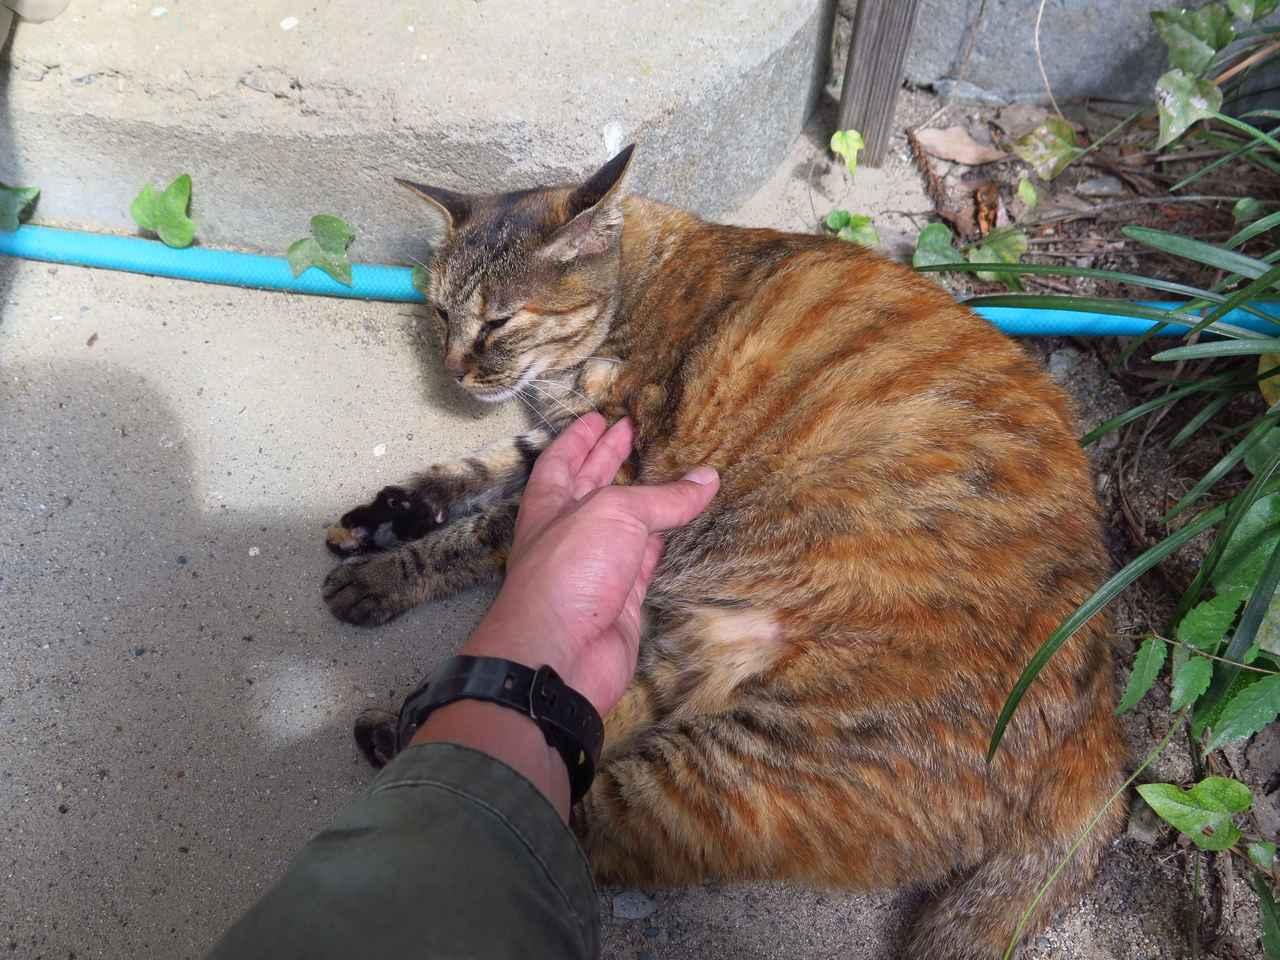 画像: 猫校長と呼ばれている旧木沢小学校のアイドルたかねちゃん。敷地を自由に歩き回っていますので、バイクで校庭に入場される際は、お気をつけてくださいね。